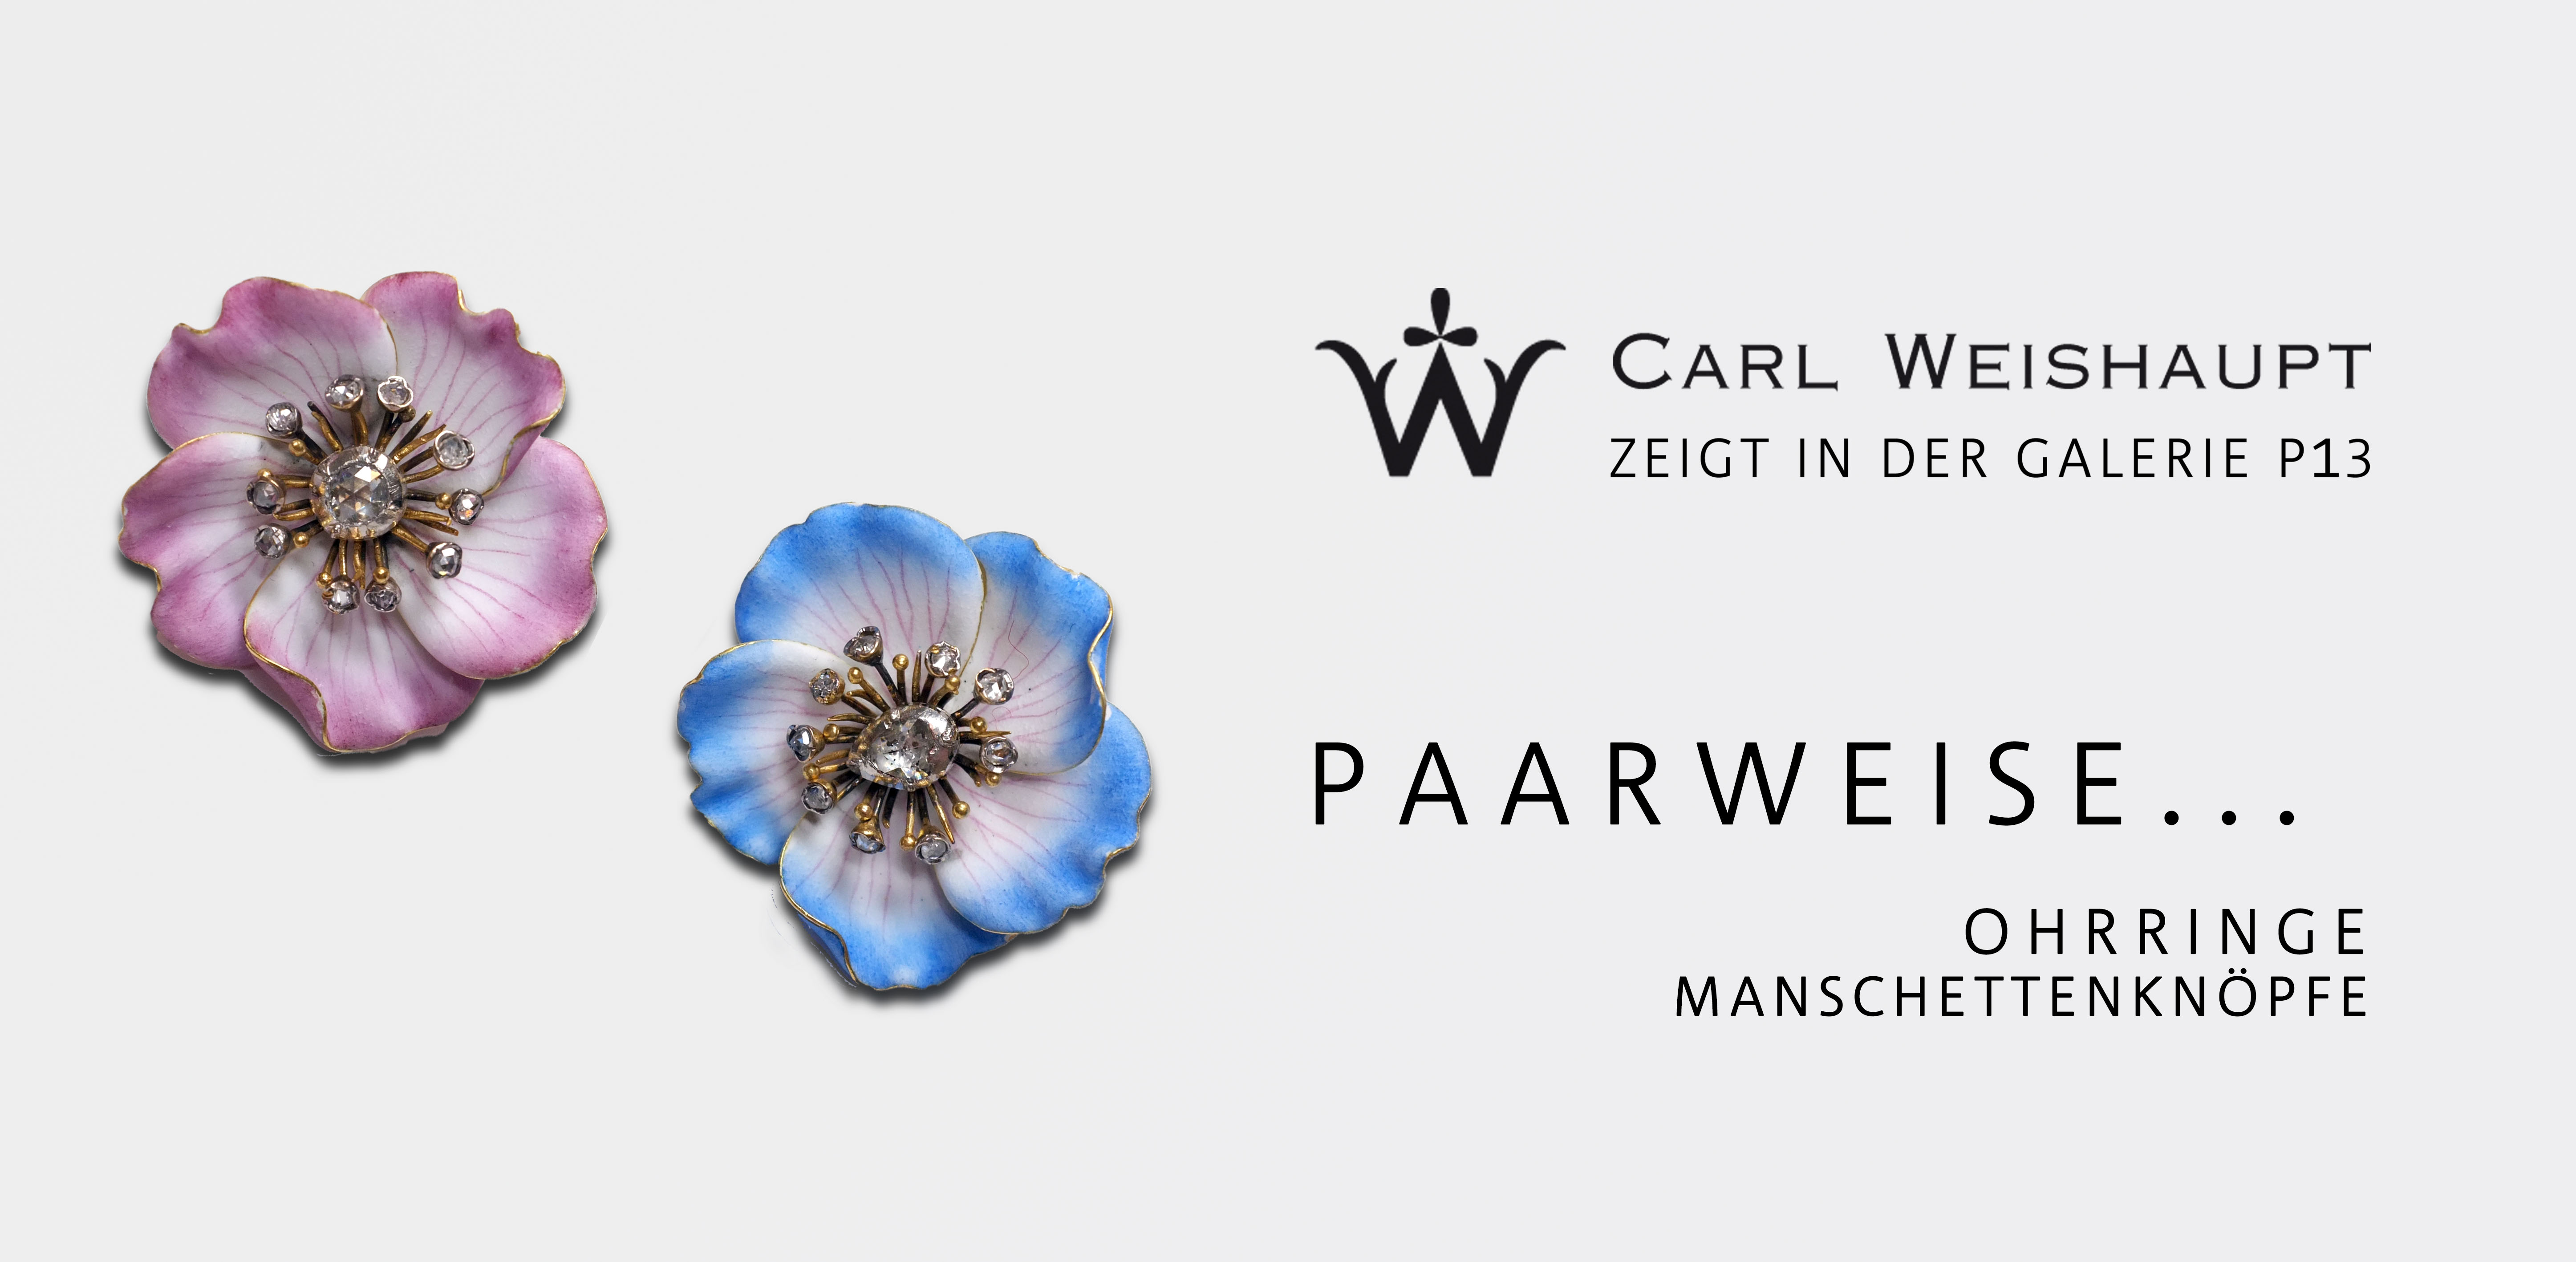 carl weishaupt Ausstellung Paarweise